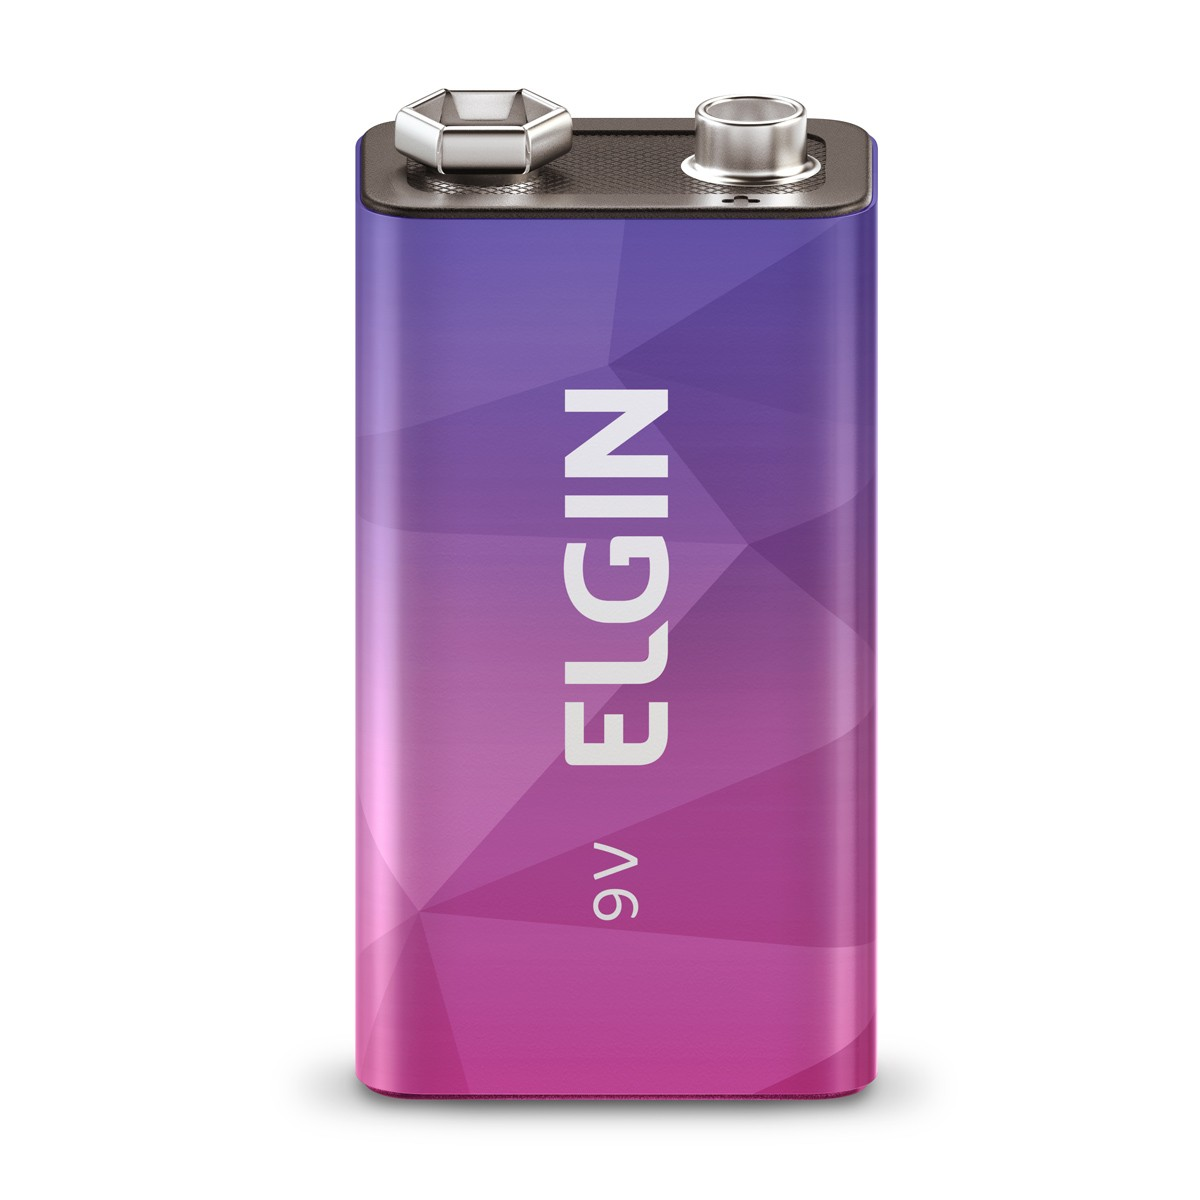 05 Baterias ELGIN 9V 250mAh Recarregável Alcalina 5 cartelas